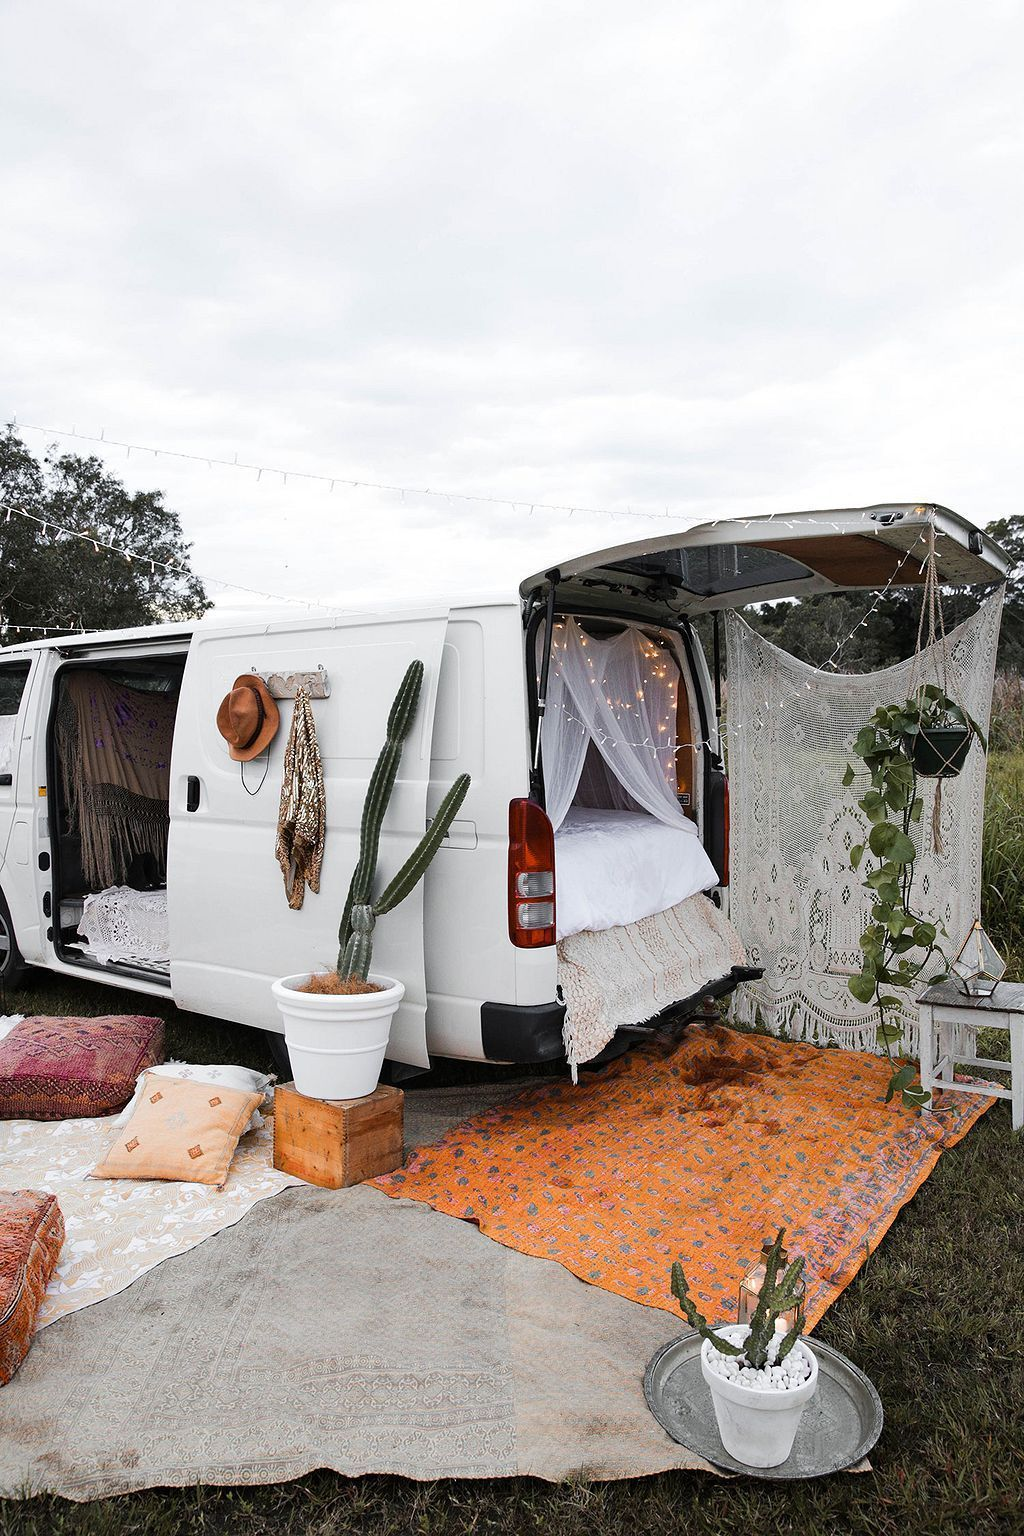 Camper Van Conversions DIY 107 Bus Conversion, Tiny Homes, Van Life ...